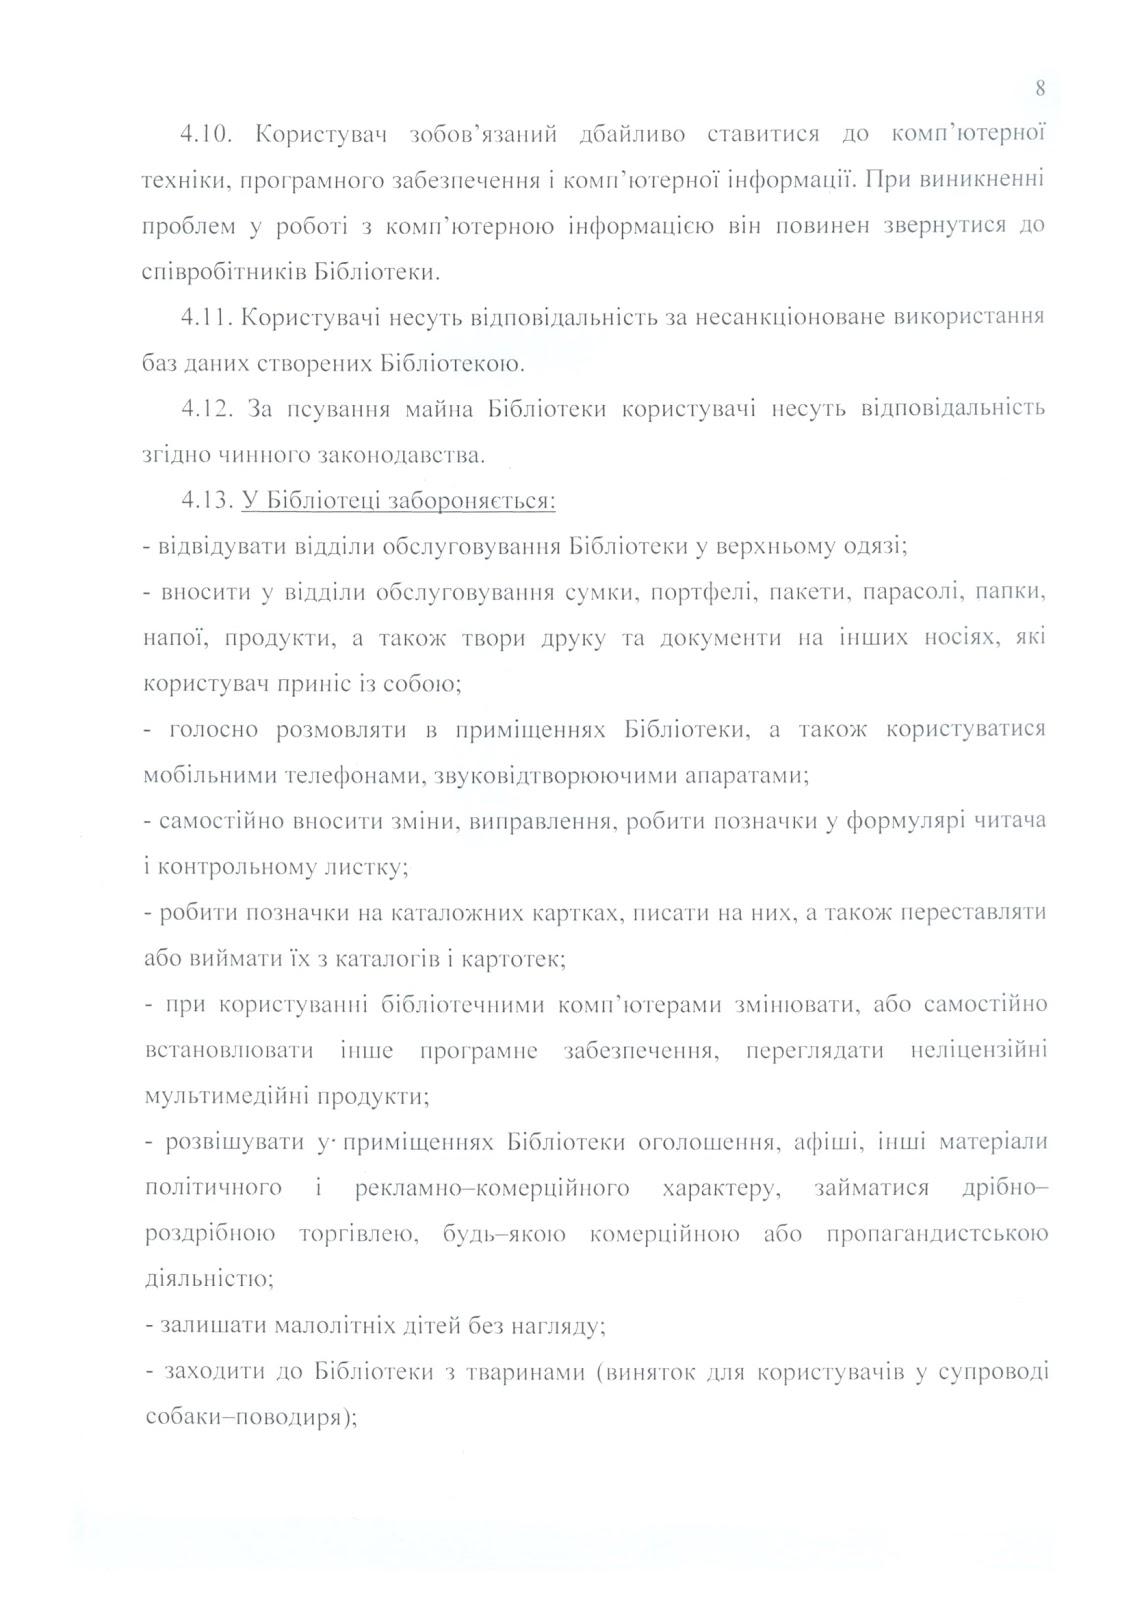 Правила користування ДБУ для юнацтва-8.jpg